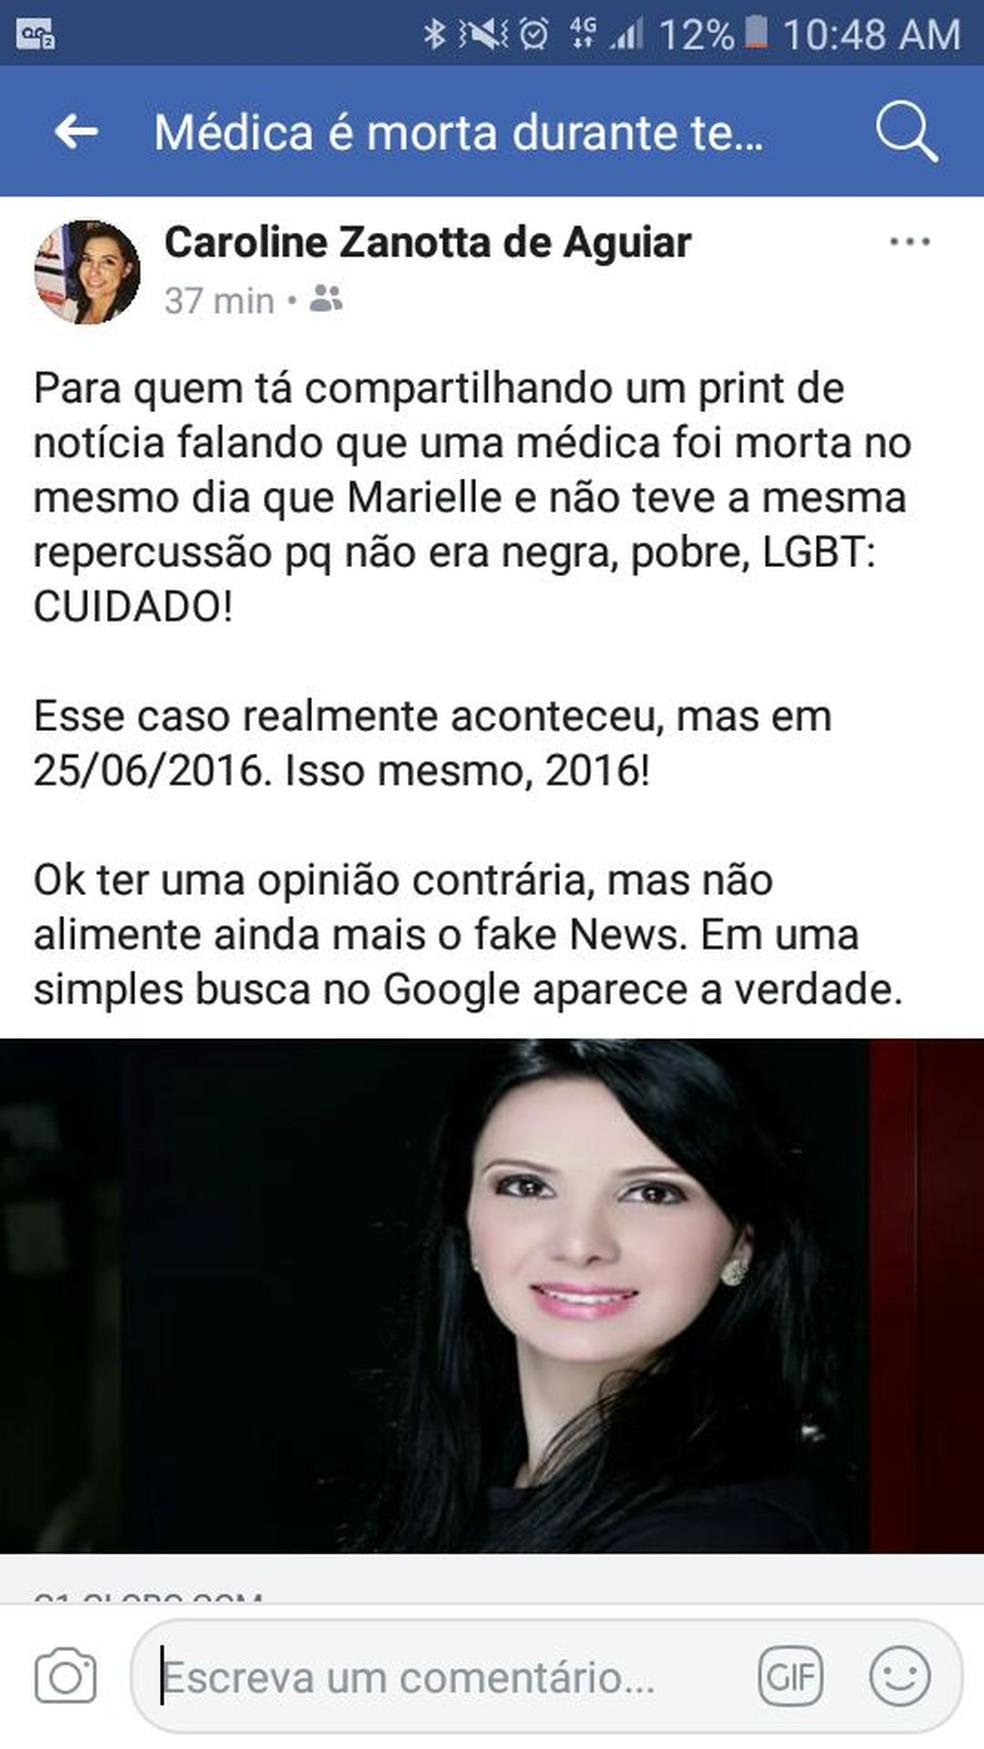 Usuária do Facebook alerta para notícia falsa (Foto: Reprodução/Facebook)